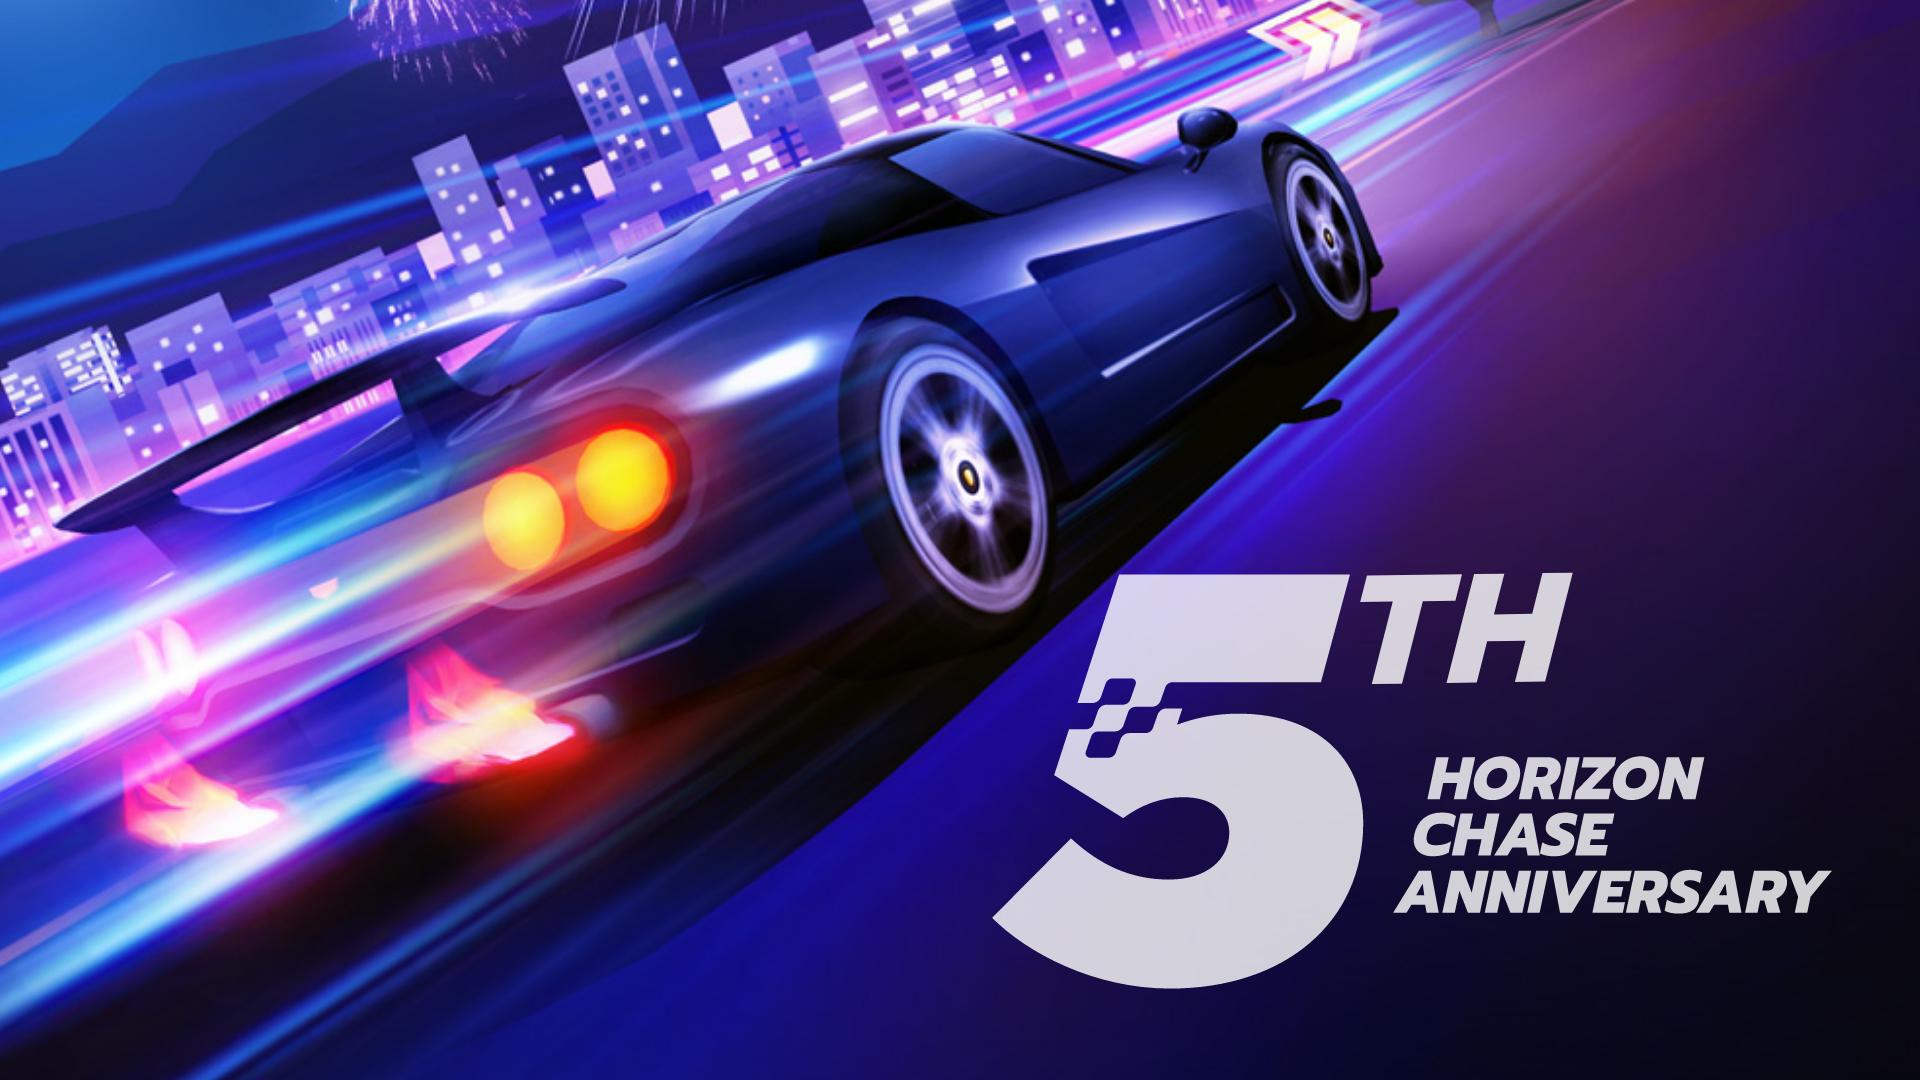 Aquiris Game Studio | Horizon Chase comemora seu 5º Aniversário com novos desafios e uma skin especial